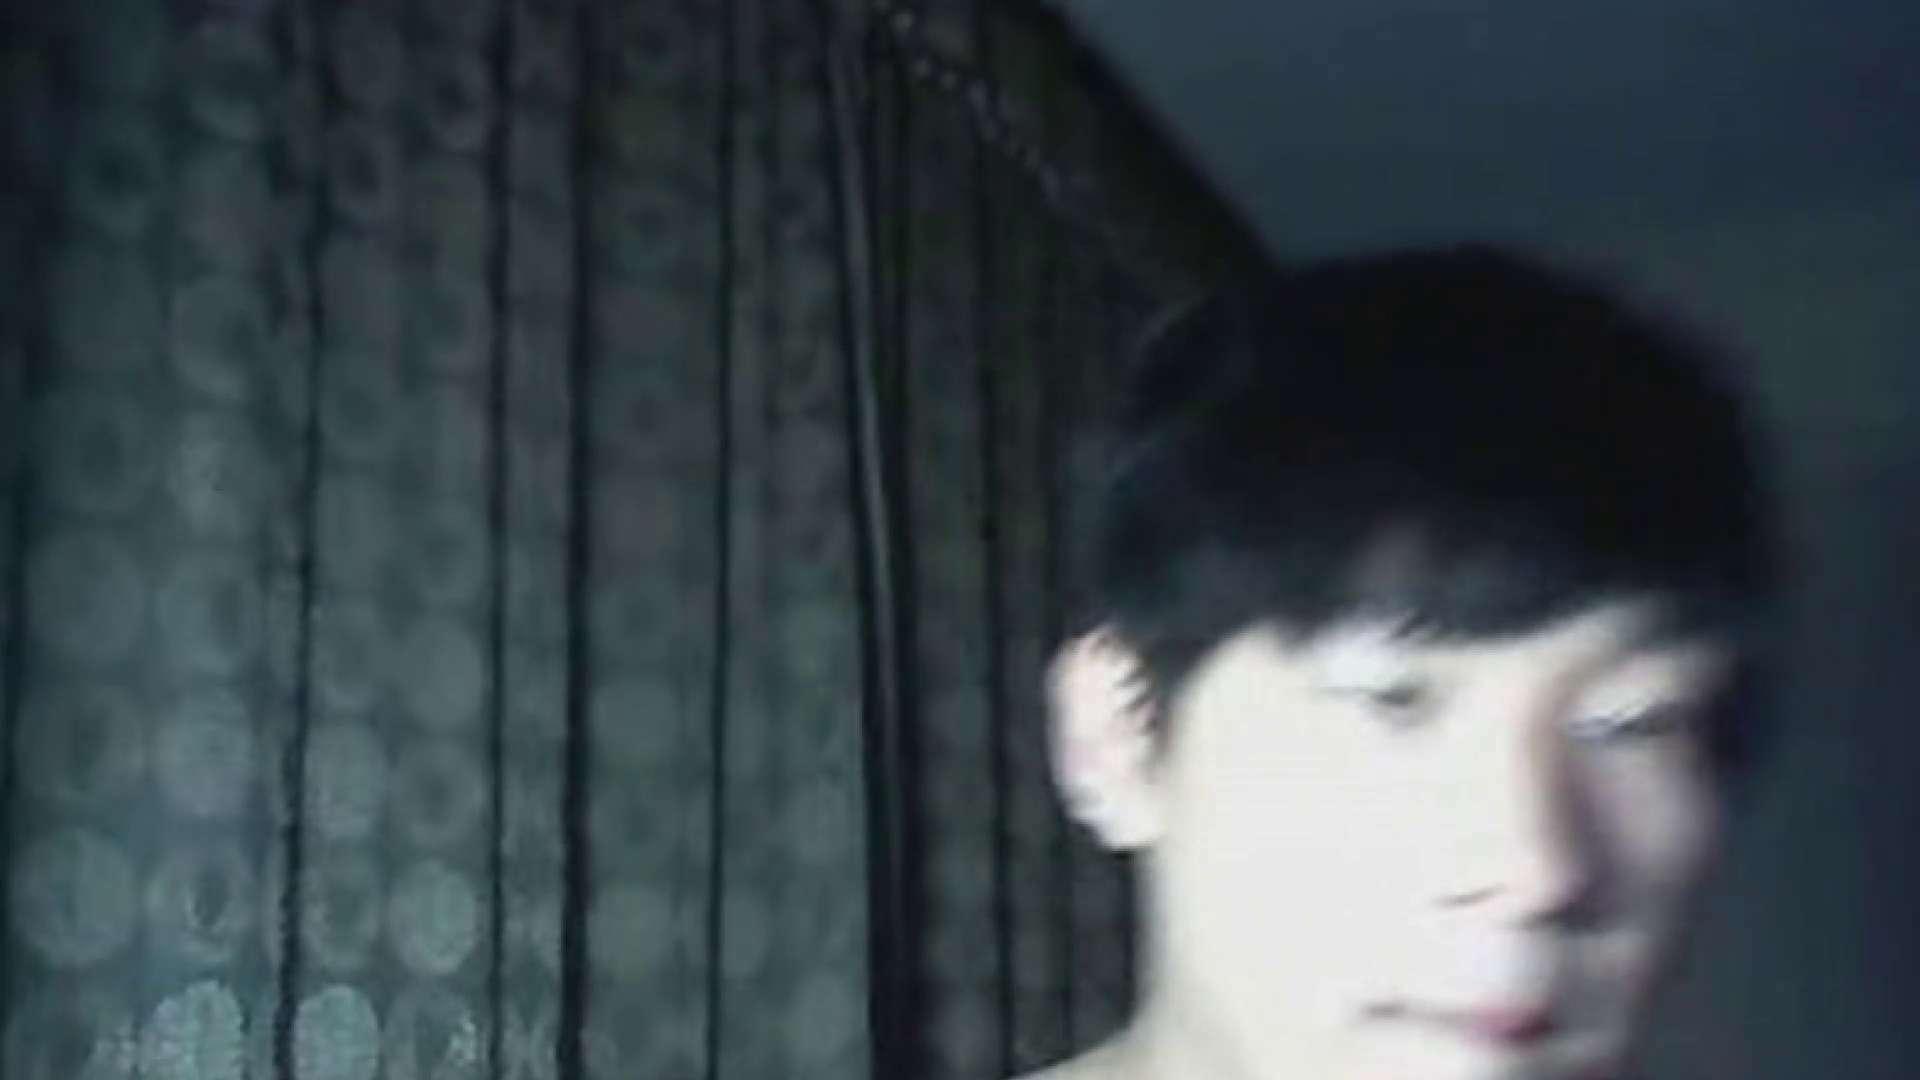 暗がりの細マッチョオナニー オナニー ゲイエロビデオ画像 109pic 2